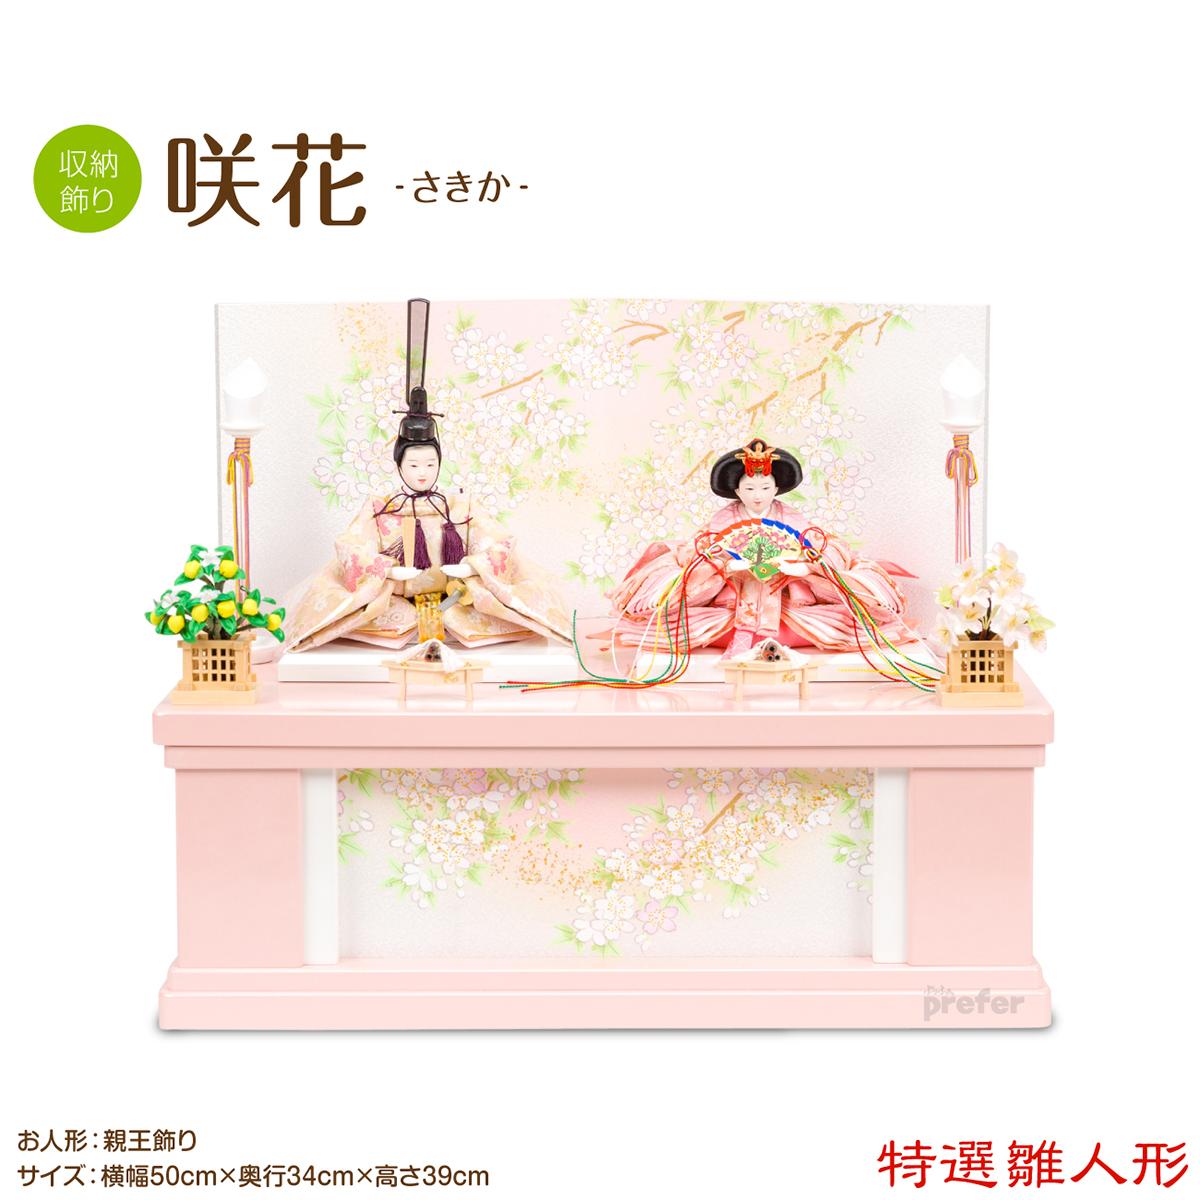 雛人形 ひな人形 特選お雛様 咲花(さきか) 収納 おひな様 ひな祭り